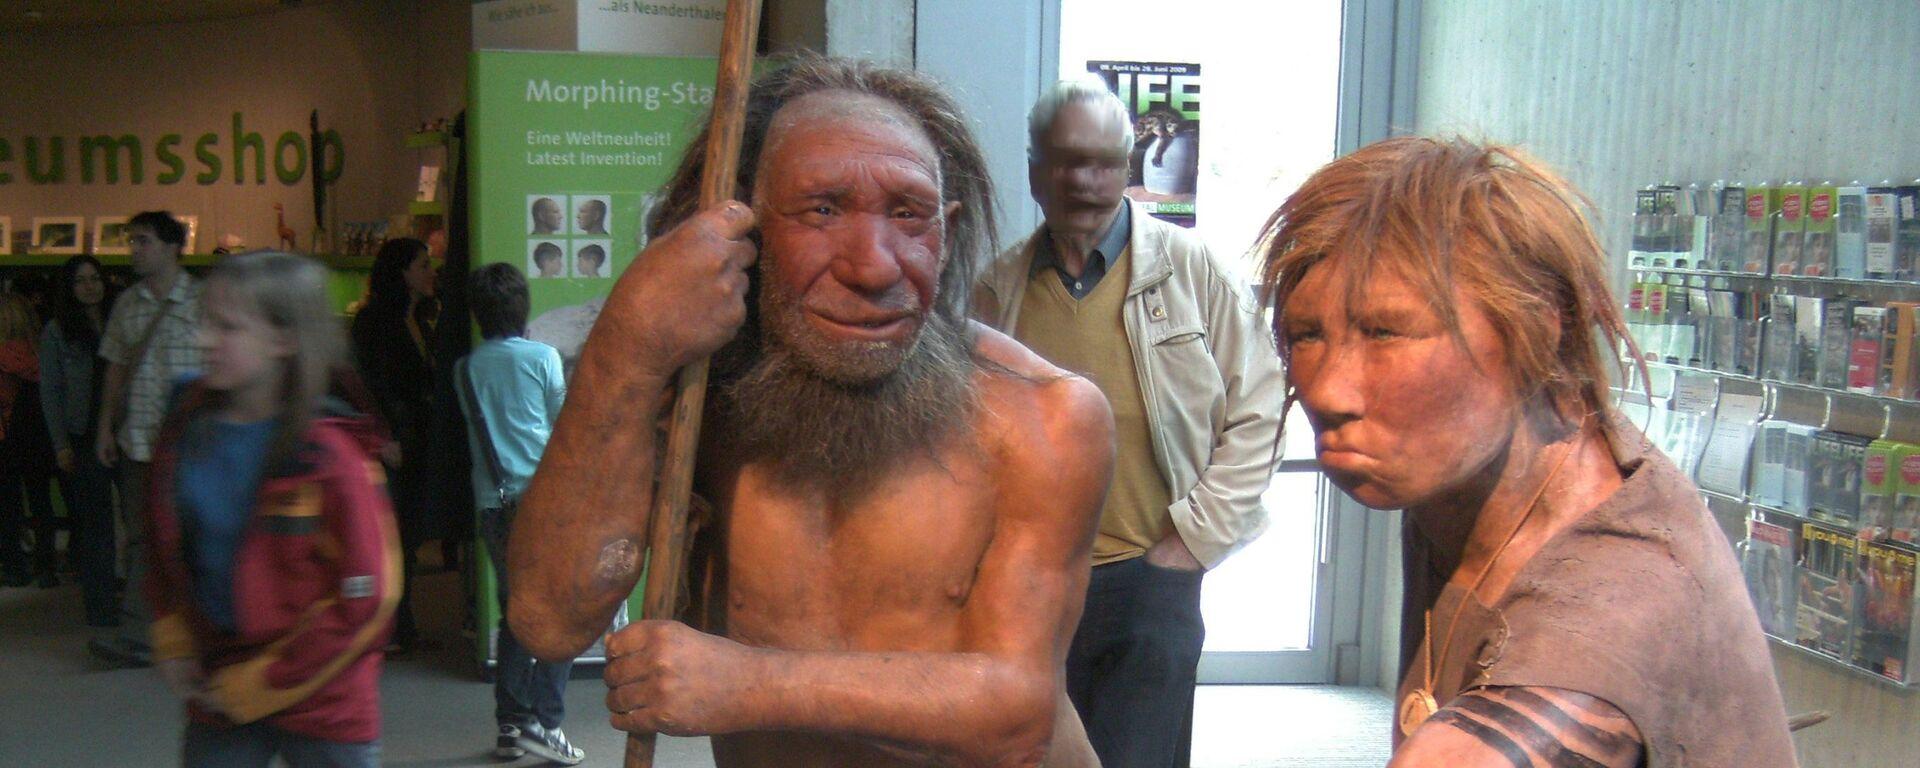 Model neandertálců (Muzeum Neanderthal, Německo) - Sputnik Česká republika, 1920, 06.08.2021